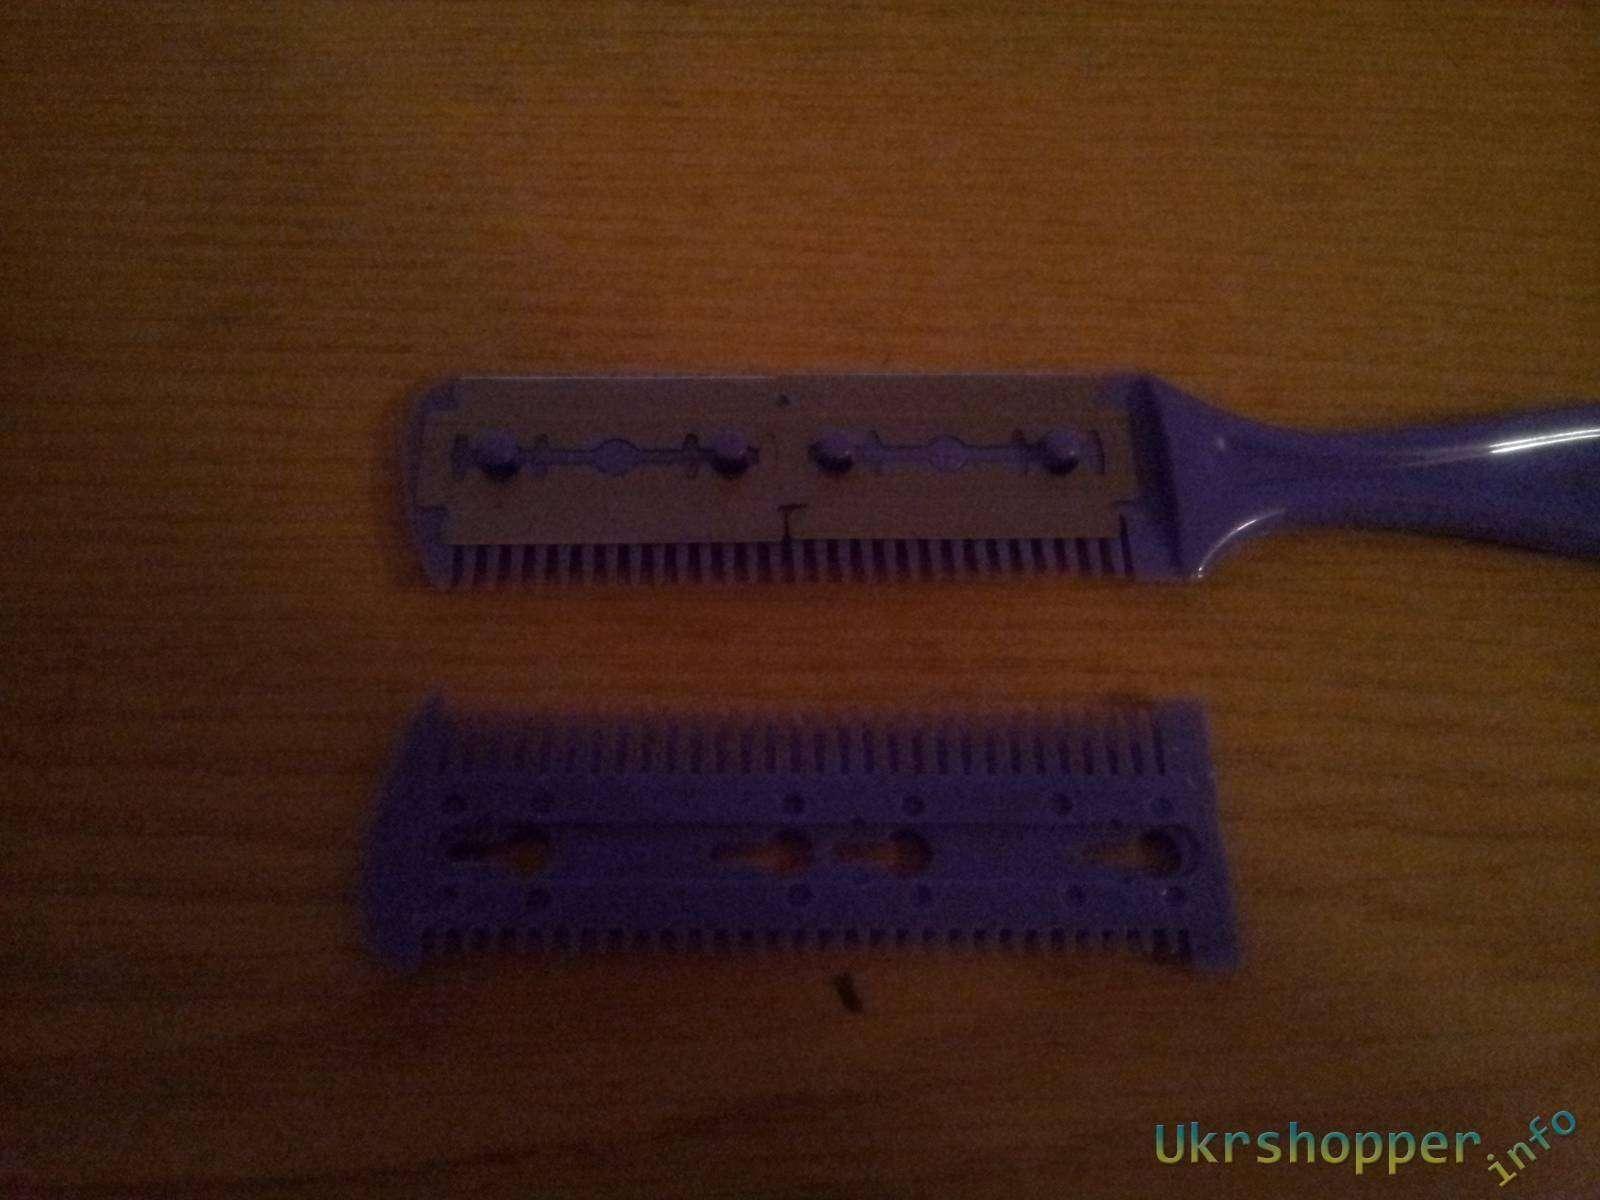 Aliexpress: Обзор триммера расчески-пухосрезалки или с волосатой собаки - шерсти клок